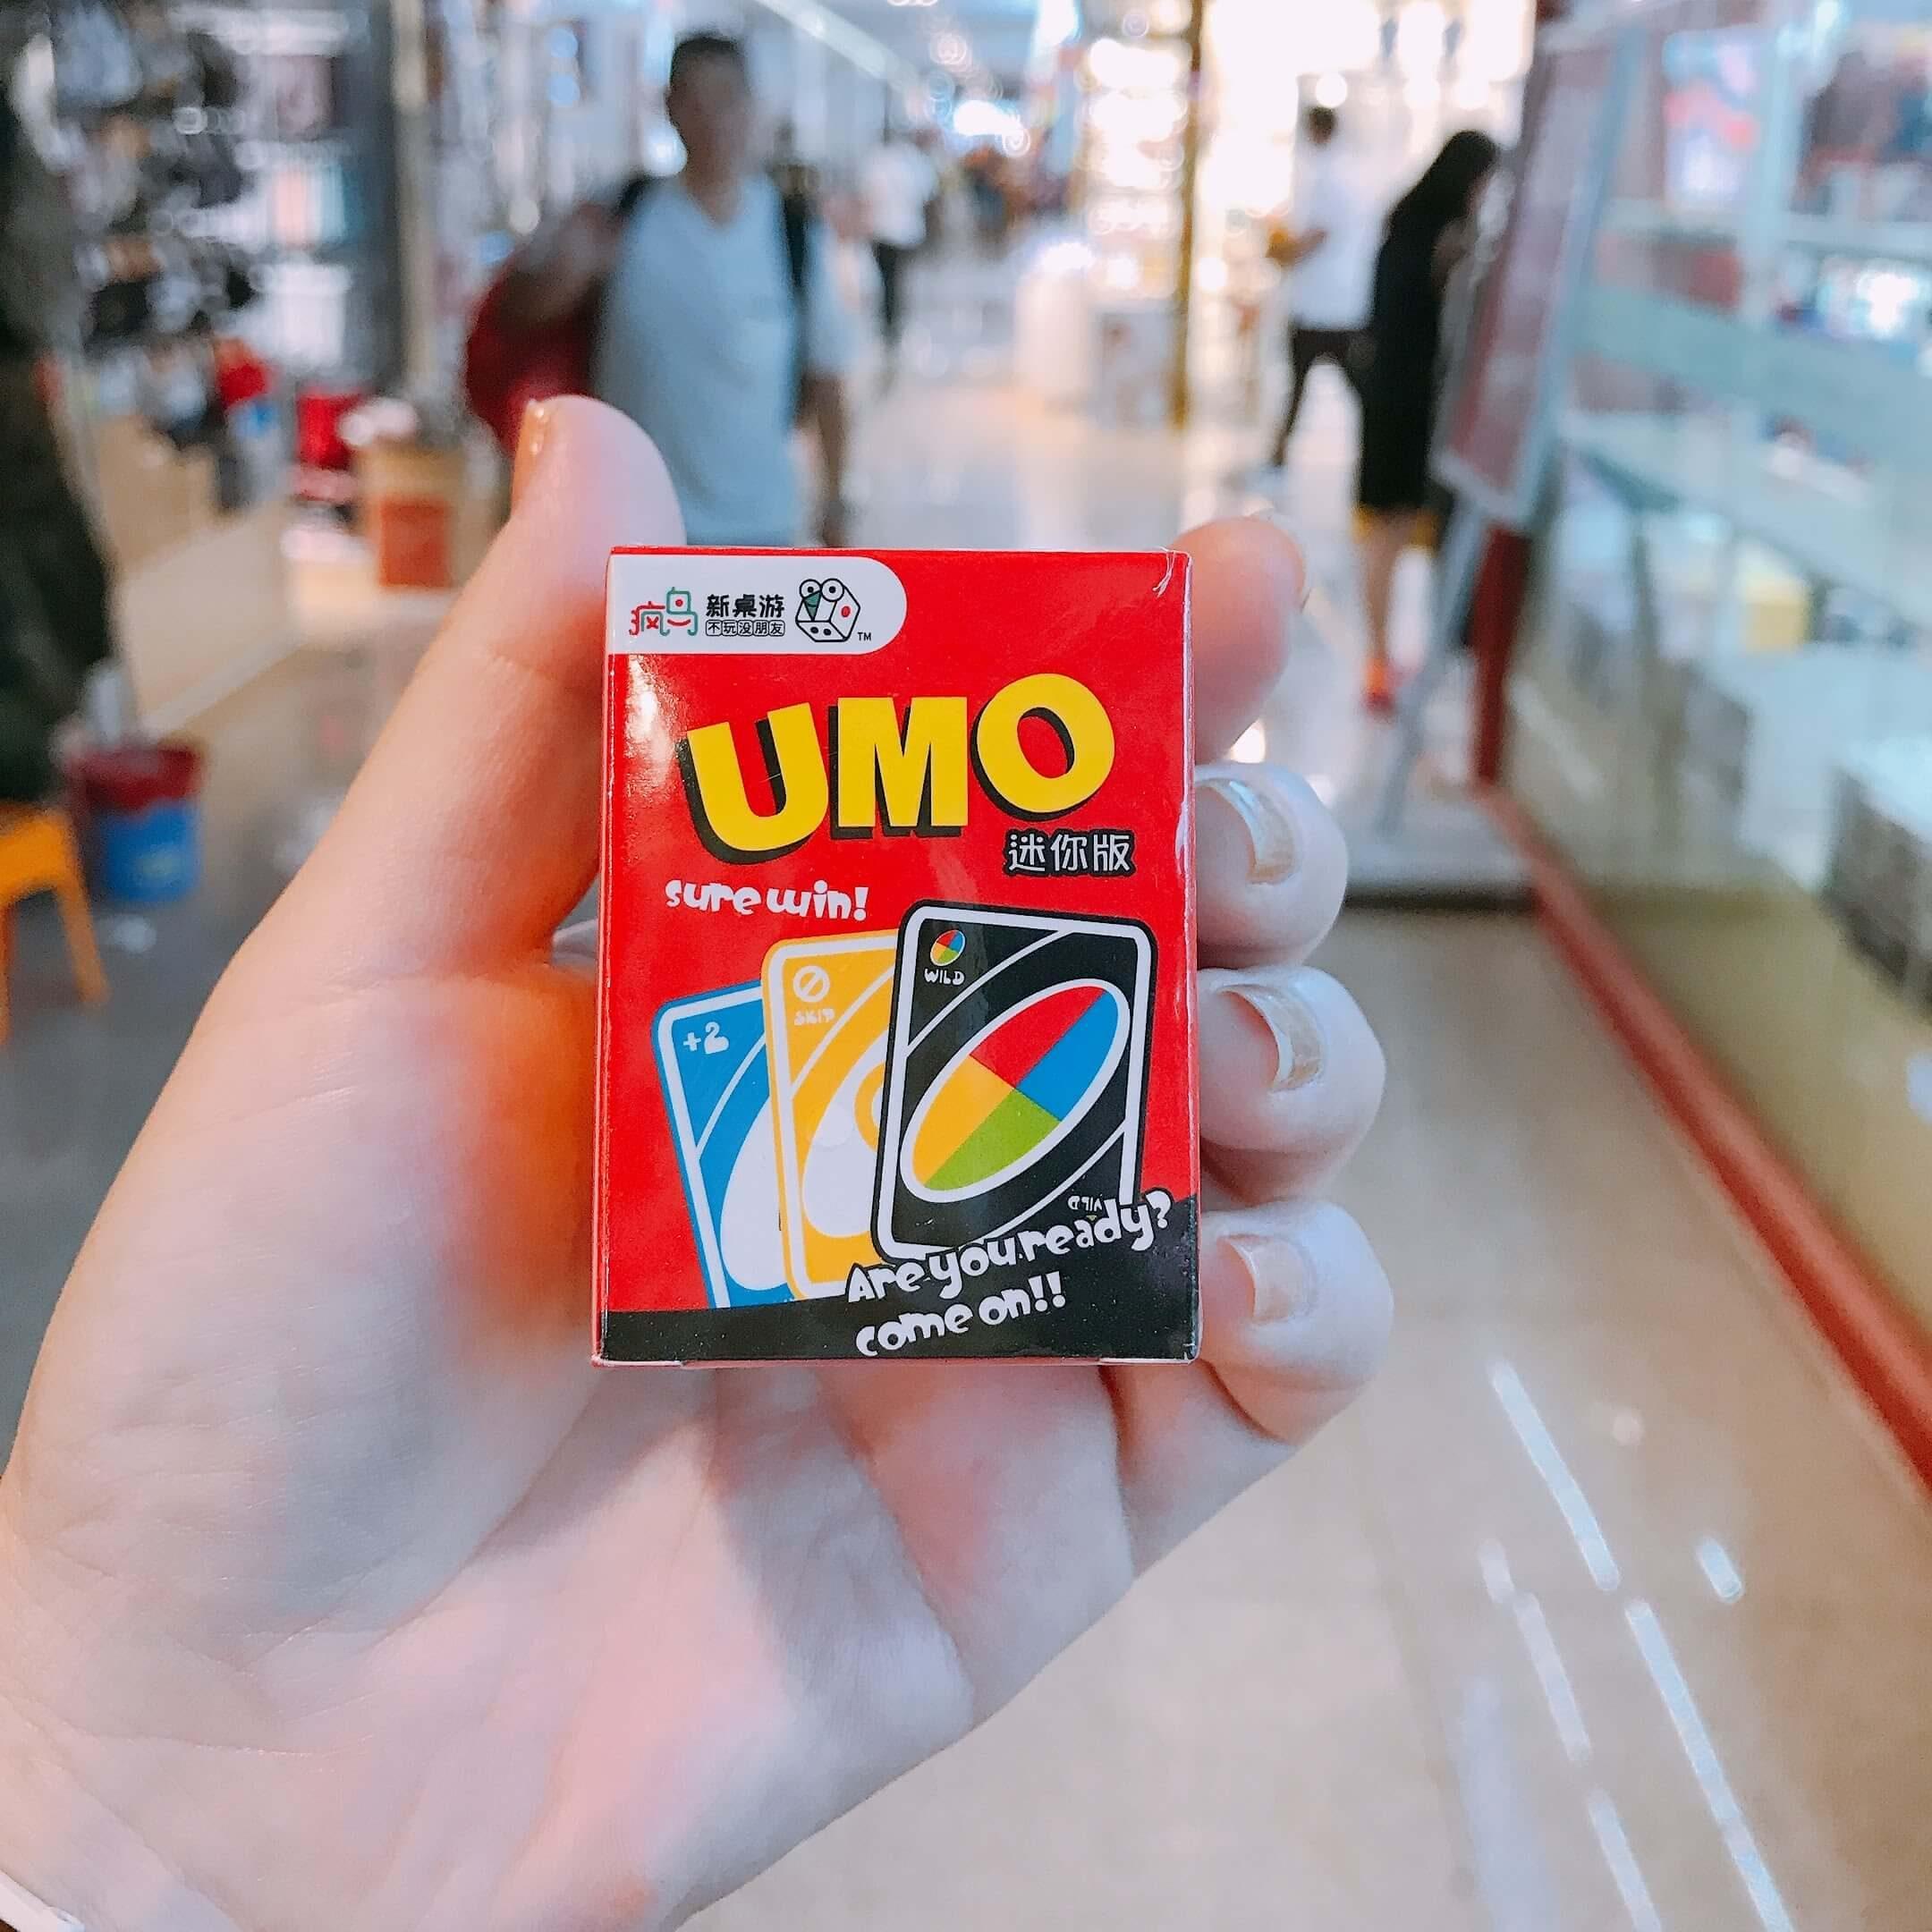 中国で撮影したUMO